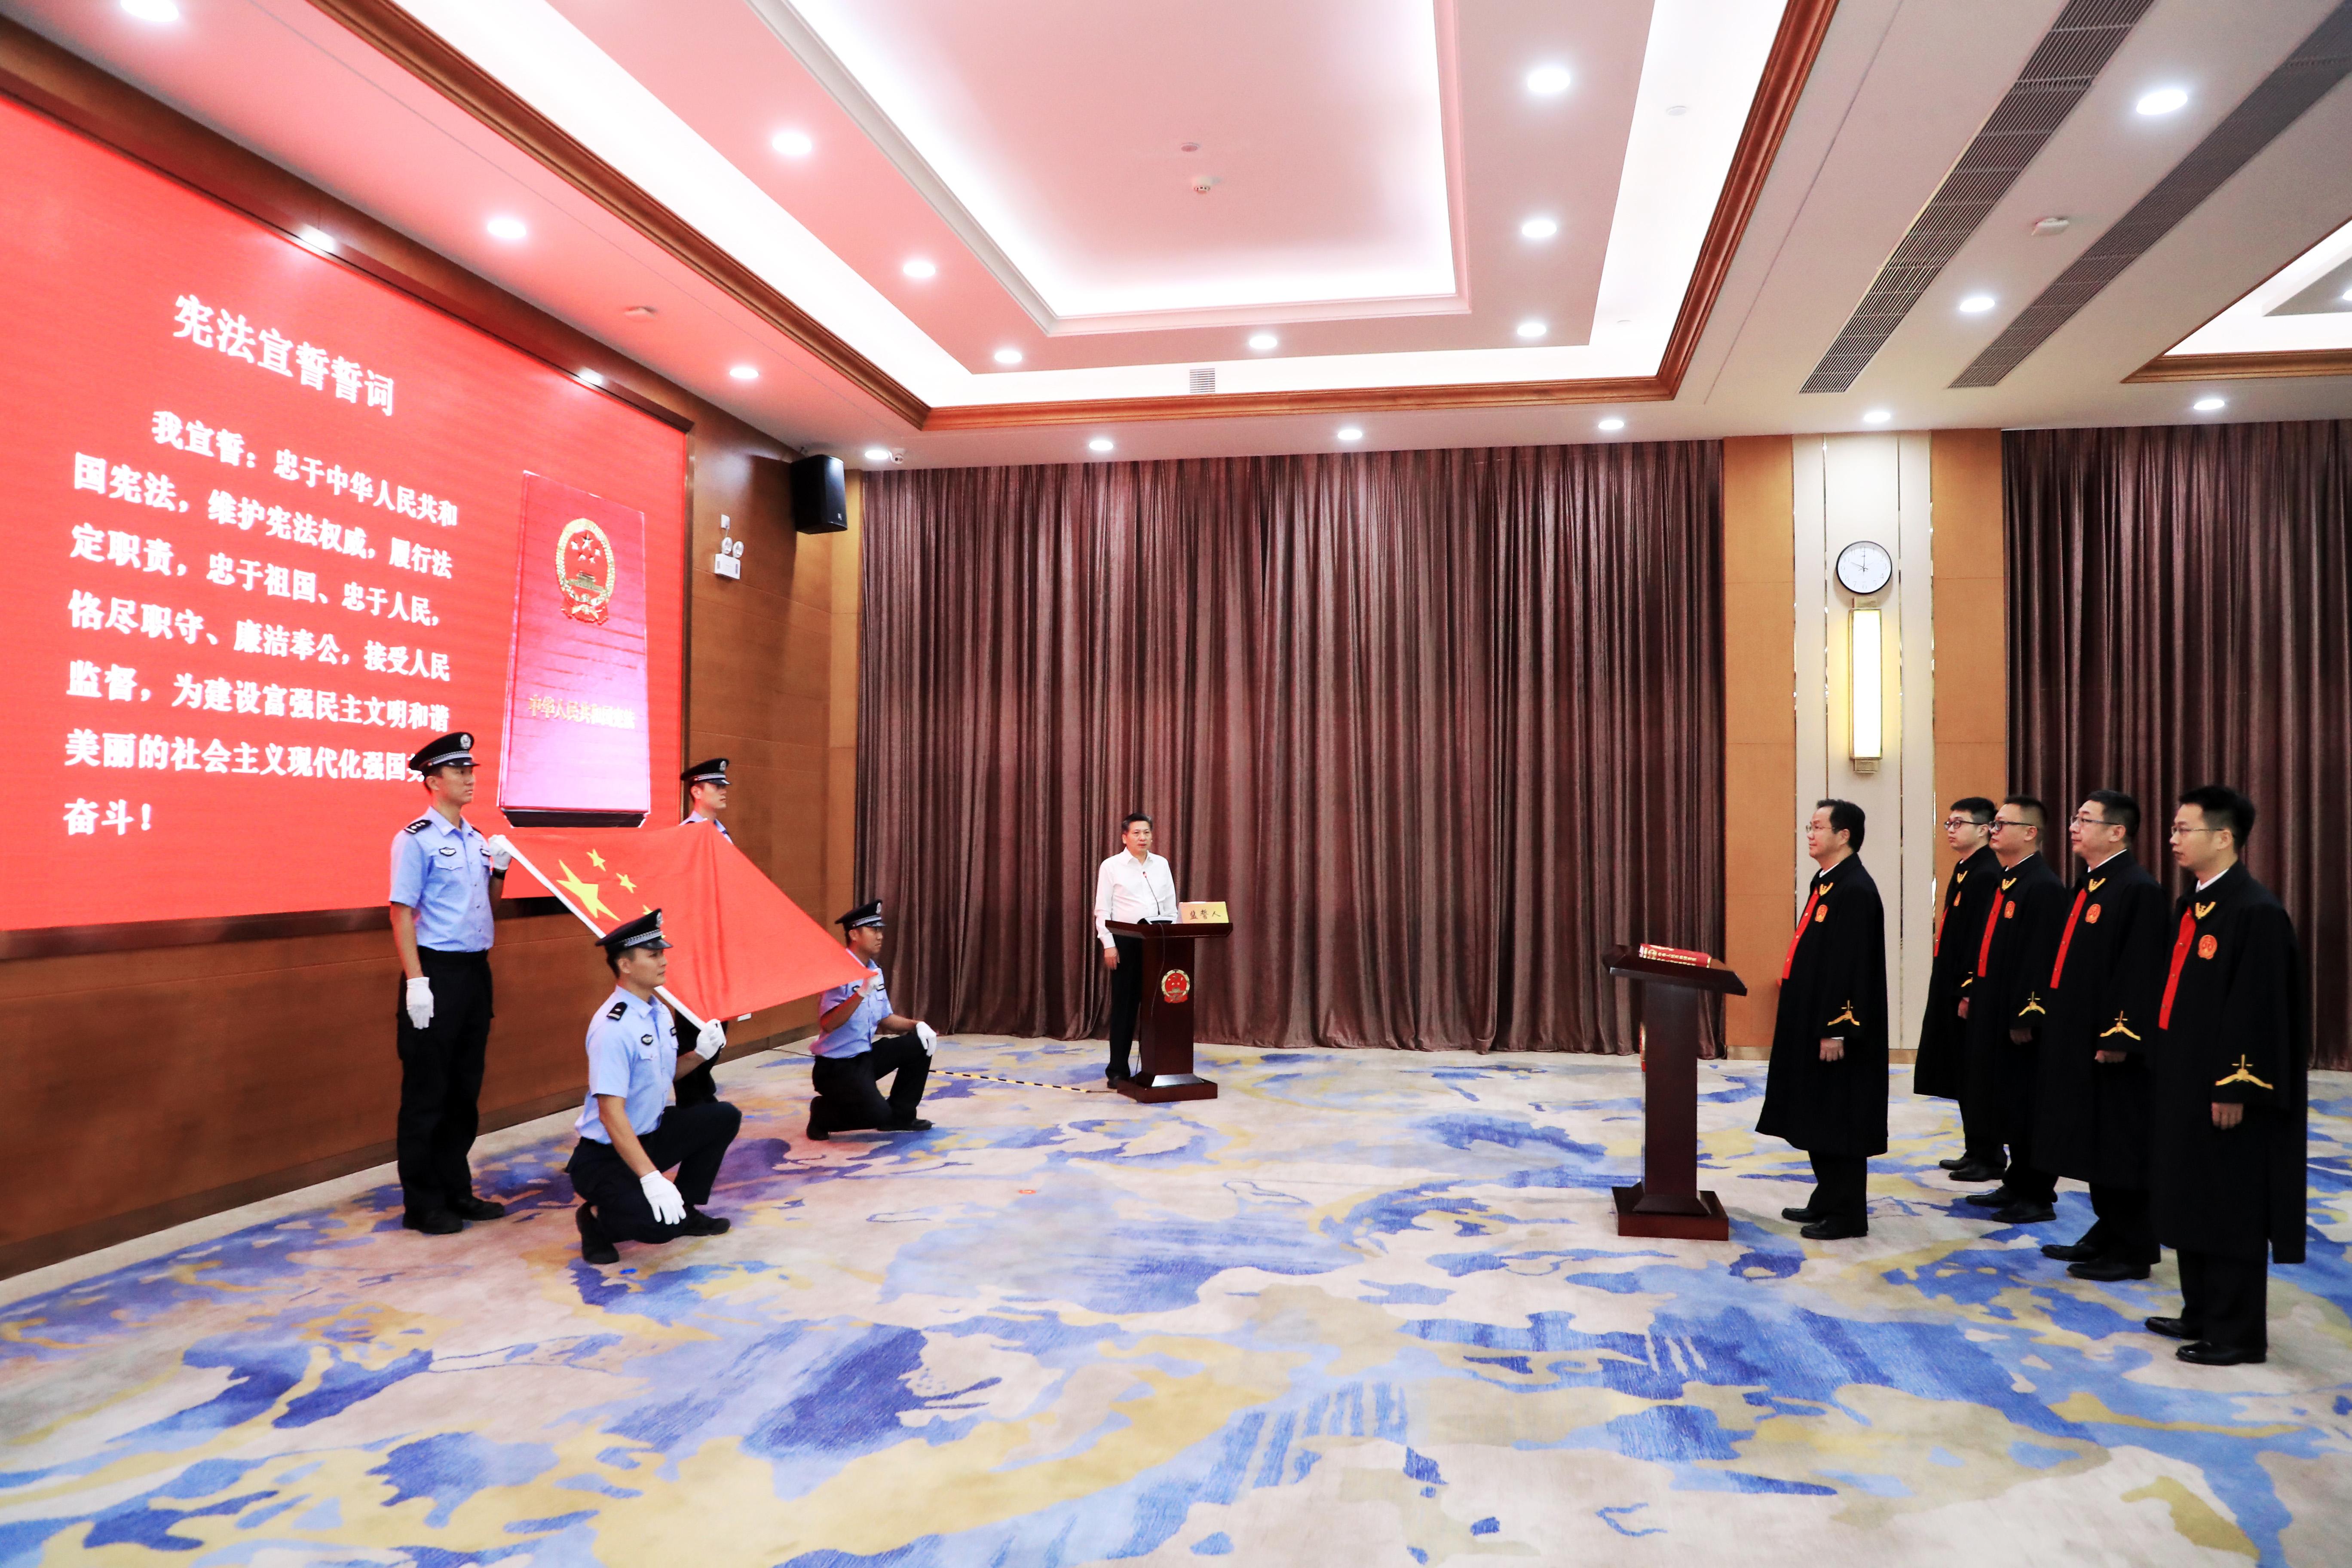 深圳深汕特别合作区人民法院10月1日起正式受理案件